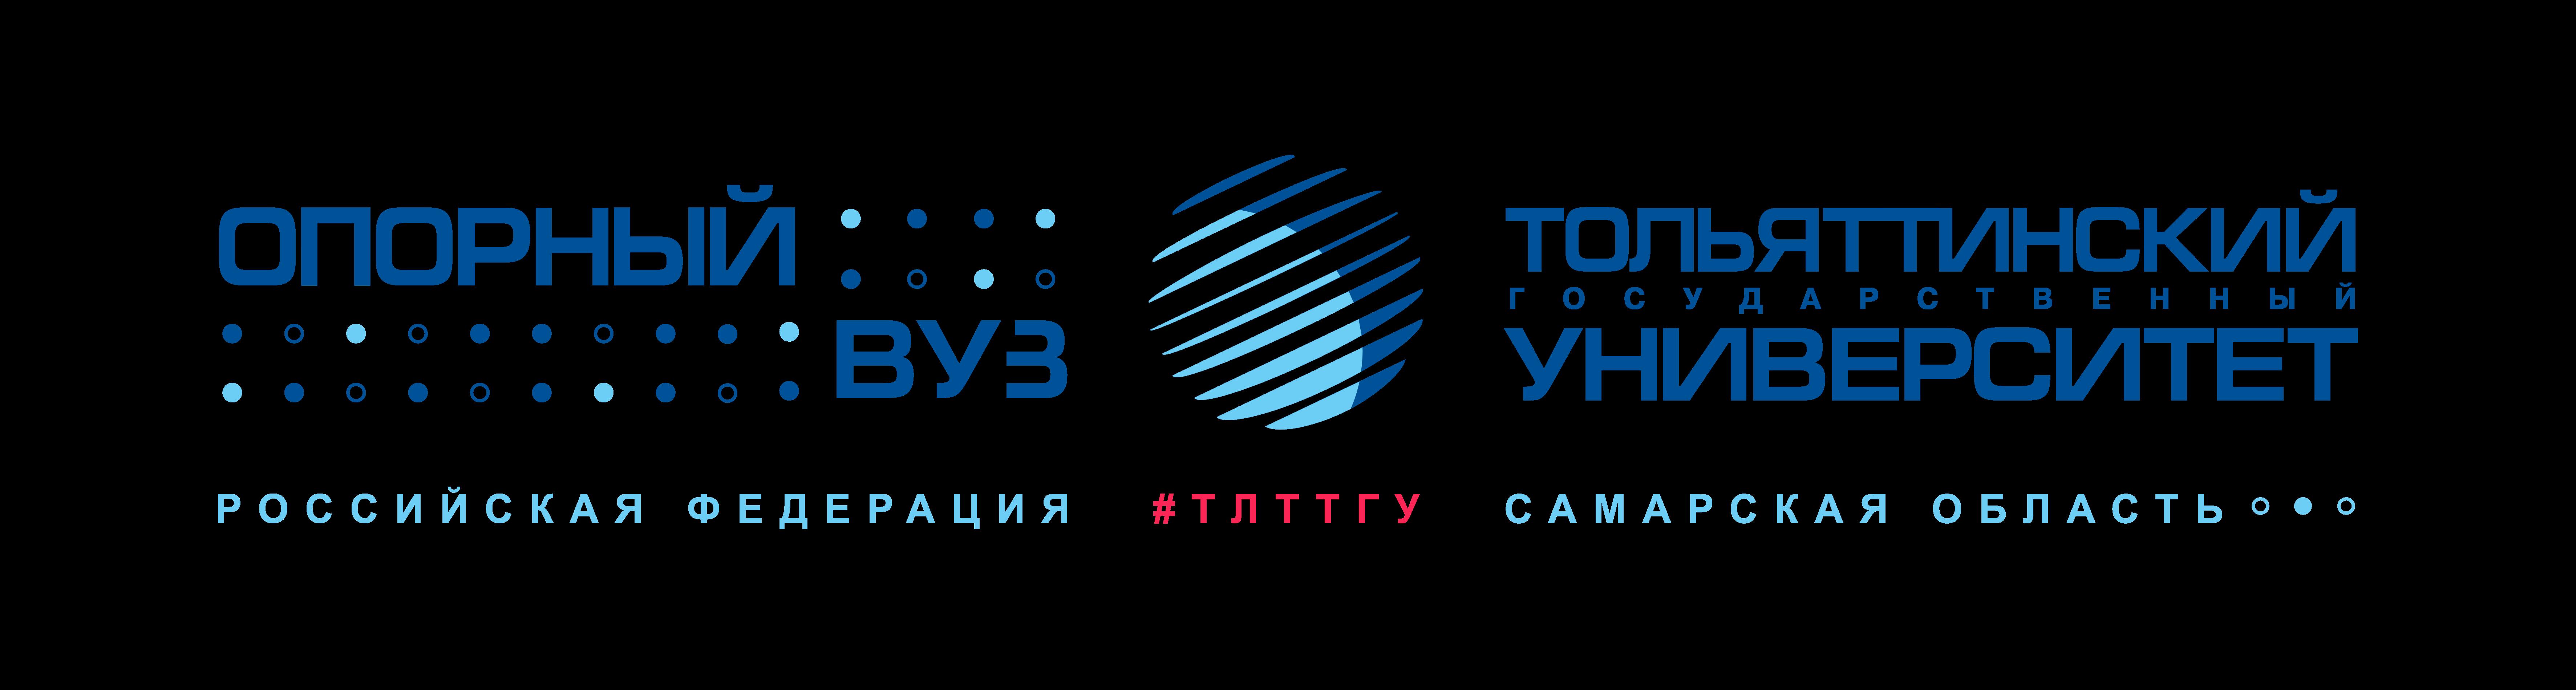 Тольяттинский государственный